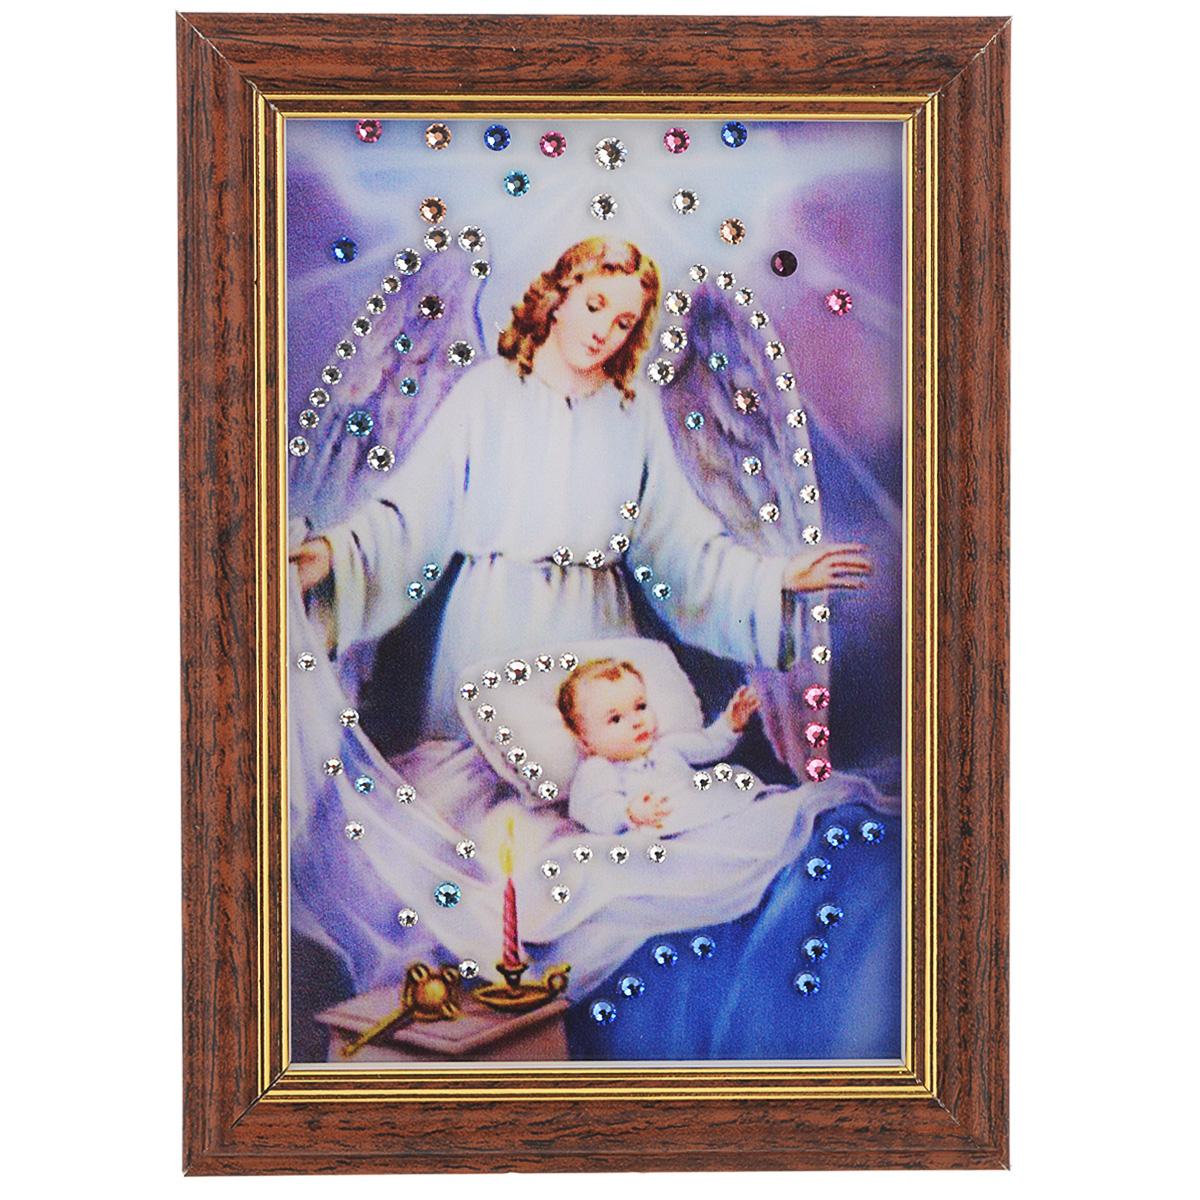 Картина с кристаллами Swarovski Ангел-защитник, 12,5 см х 17 смES-412Изящная картина в багетной раме, инкрустирована кристаллами Swarovski, которые отличаются четкой и ровной огранкой, ярким блеском и чистотой цвета. Красочное изображение ангела и ребеночка, расположенное под стеклом, прекрасно дополняет блеск кристаллов. С обратной стороны имеется ножка для размещения картины на столе. Картина с кристаллами Swarovski Ангел-защитник элегантно украсит интерьер дома или офиса, а также станет прекрасным подарком, который обязательно понравится получателю. Блеск кристаллов в интерьере, что может быть сказочнее и удивительнее. Картина упакована в подарочную картонную коробку синего цвета и комплектуется сертификатом соответствия Swarovski.